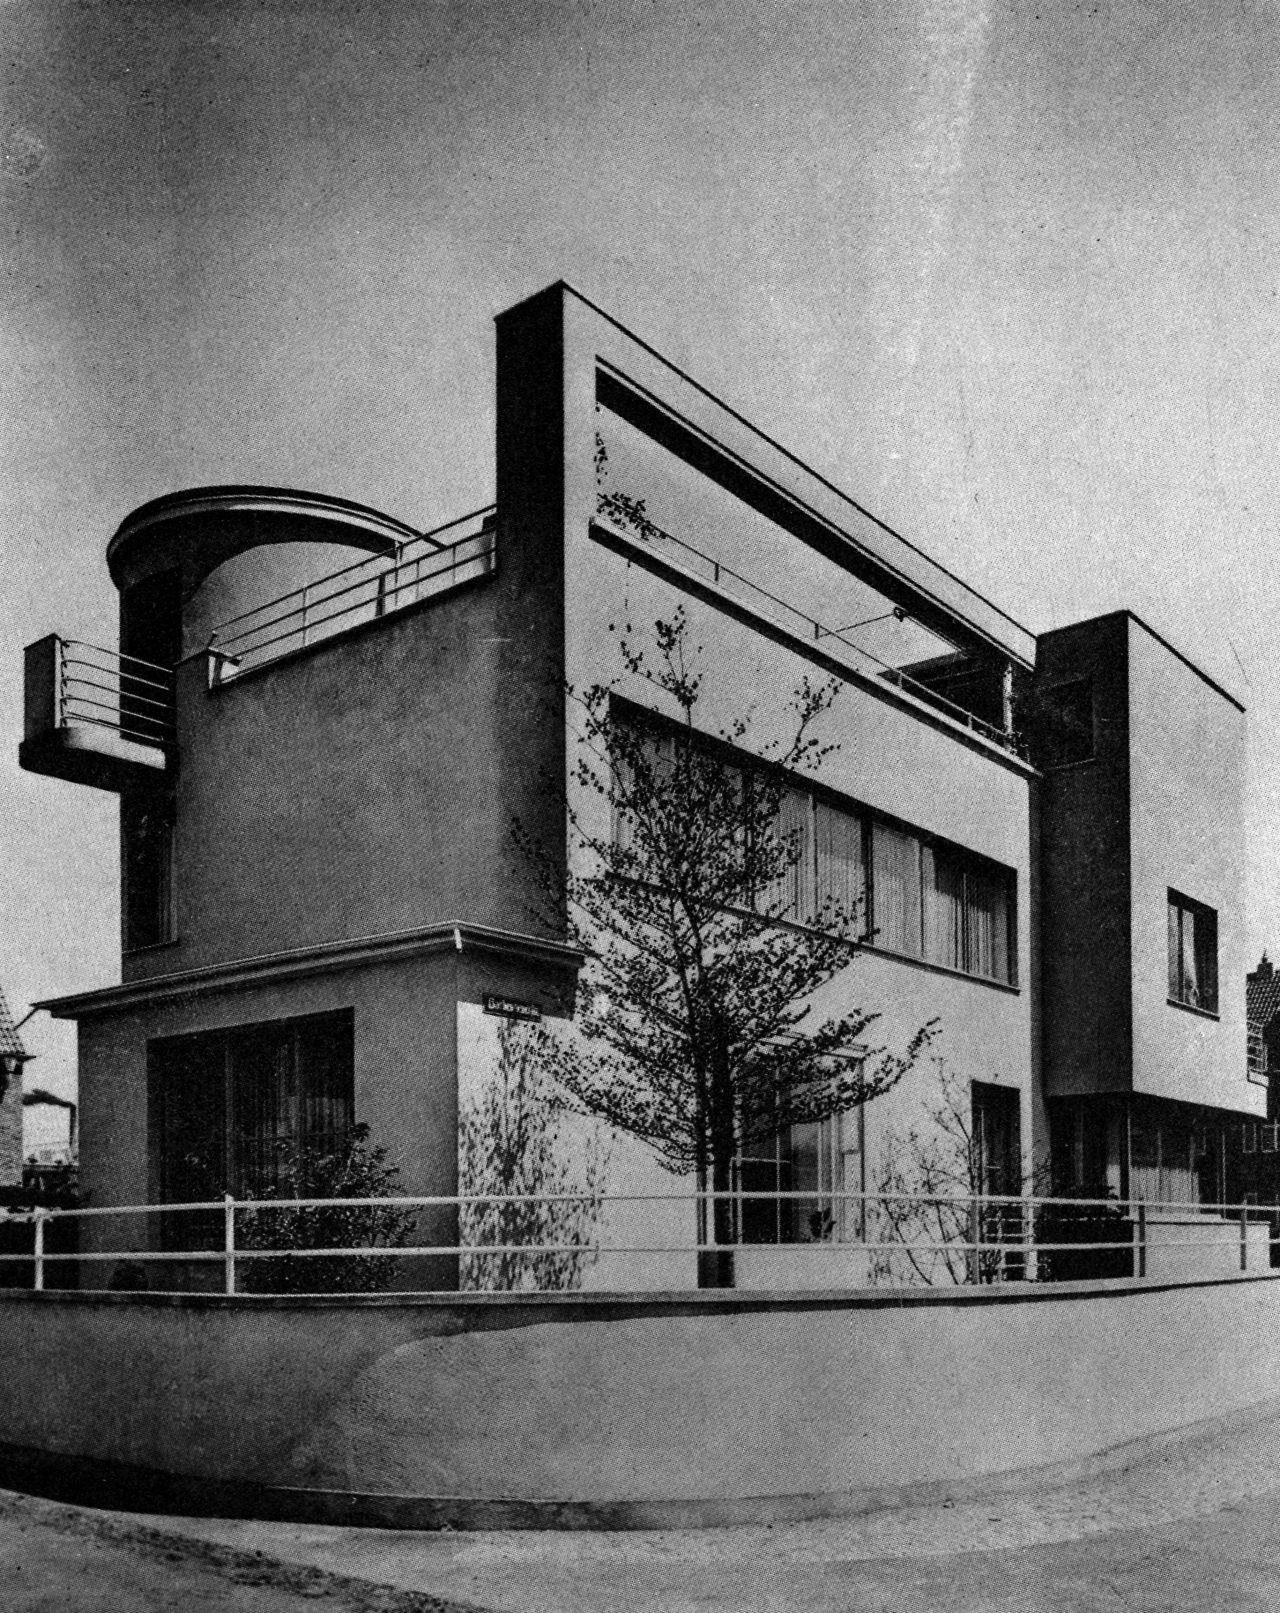 Walter Reitz Villa Cologne Germany Inspiring